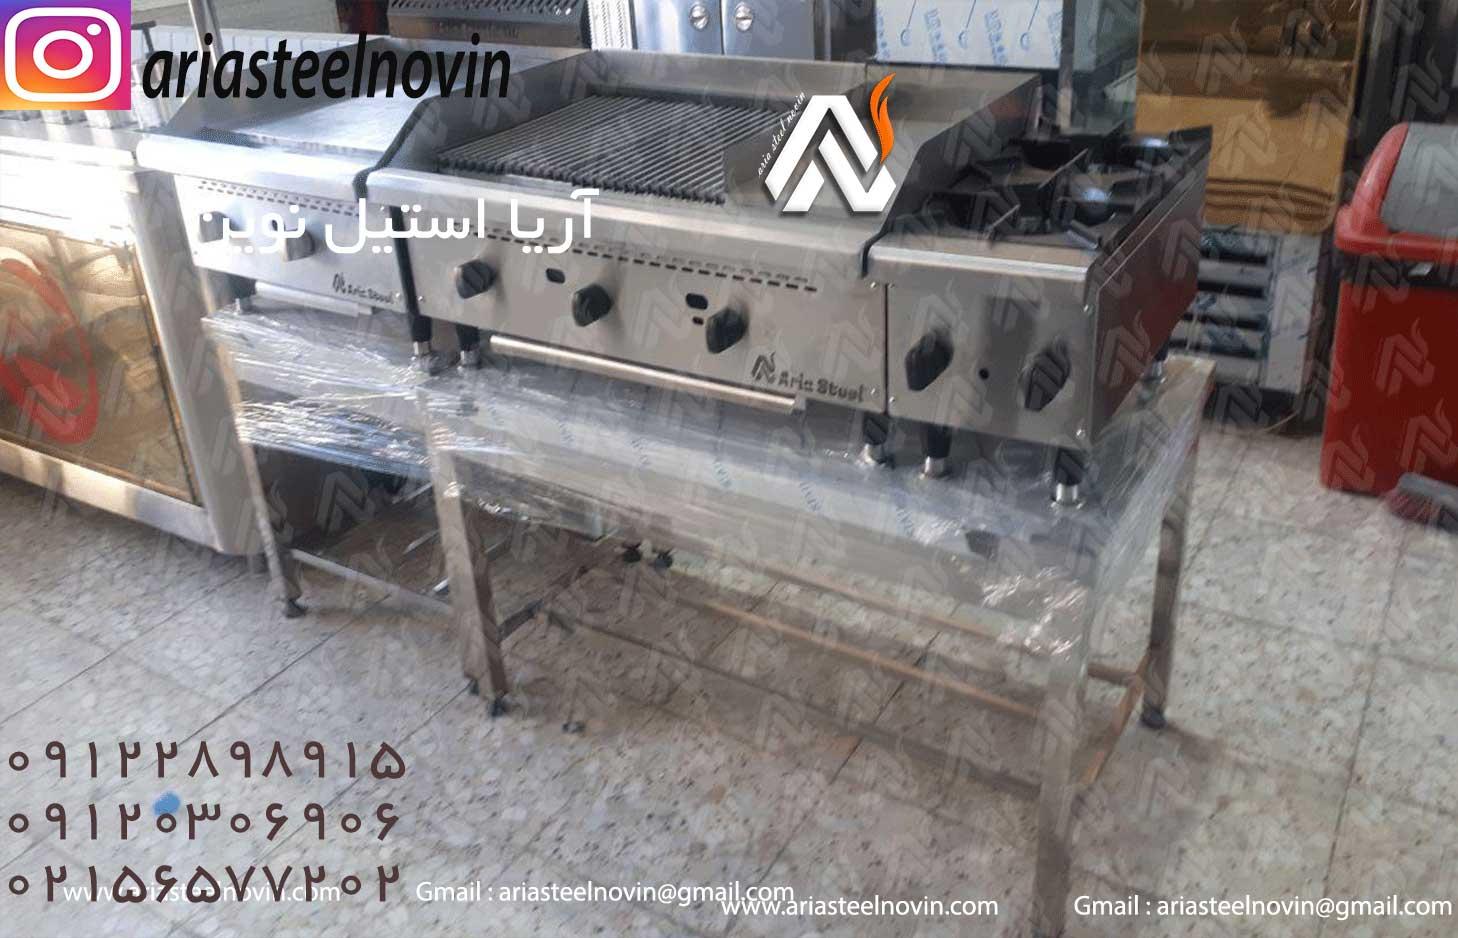 خط-گریل-همبرگر | تجهیزات آشپزخانه صنعتی | تجهیزات فست فود